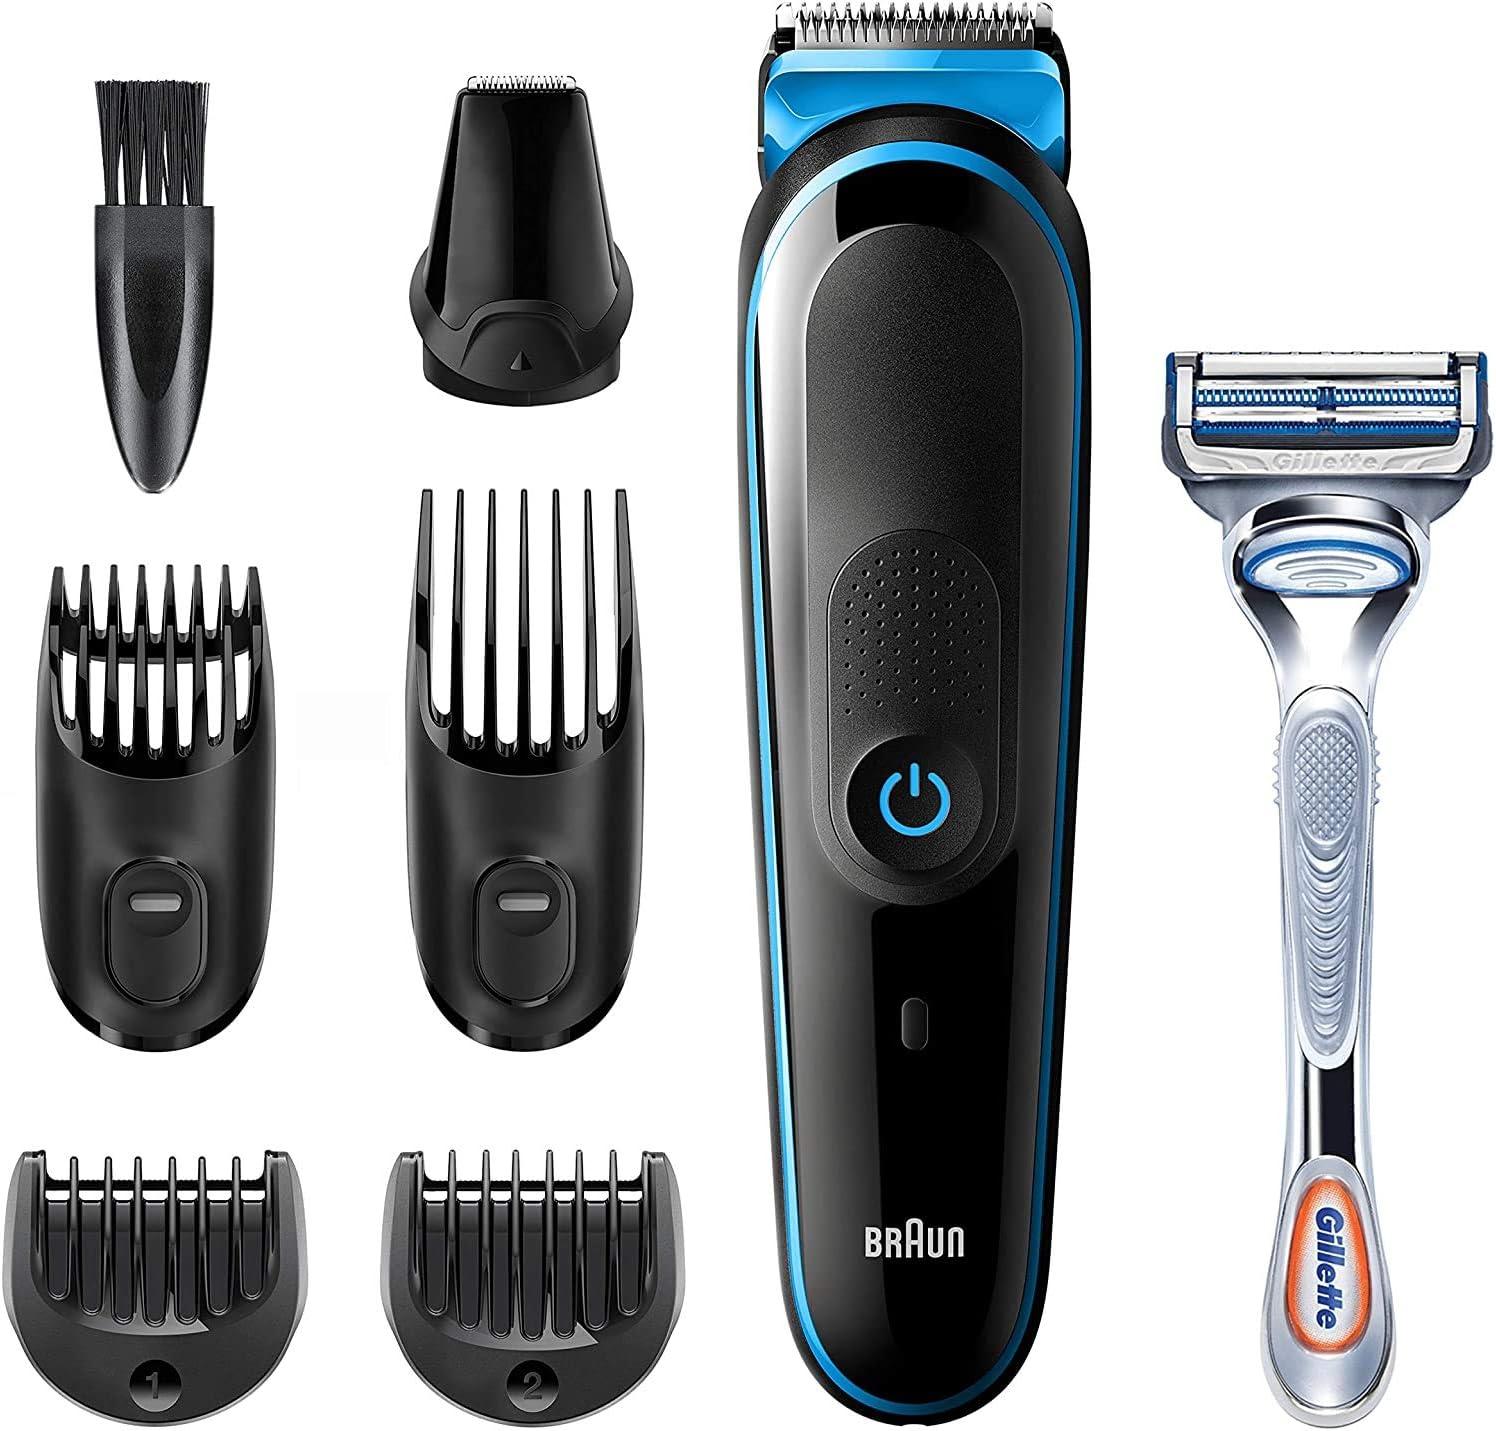 Braun Recortadora MGK3242 7 en 1, Máquina recortadora de barba, cortapelos y recortadora facial para hombre, color negro/azul: Amazon.es: Salud y cuidado personal